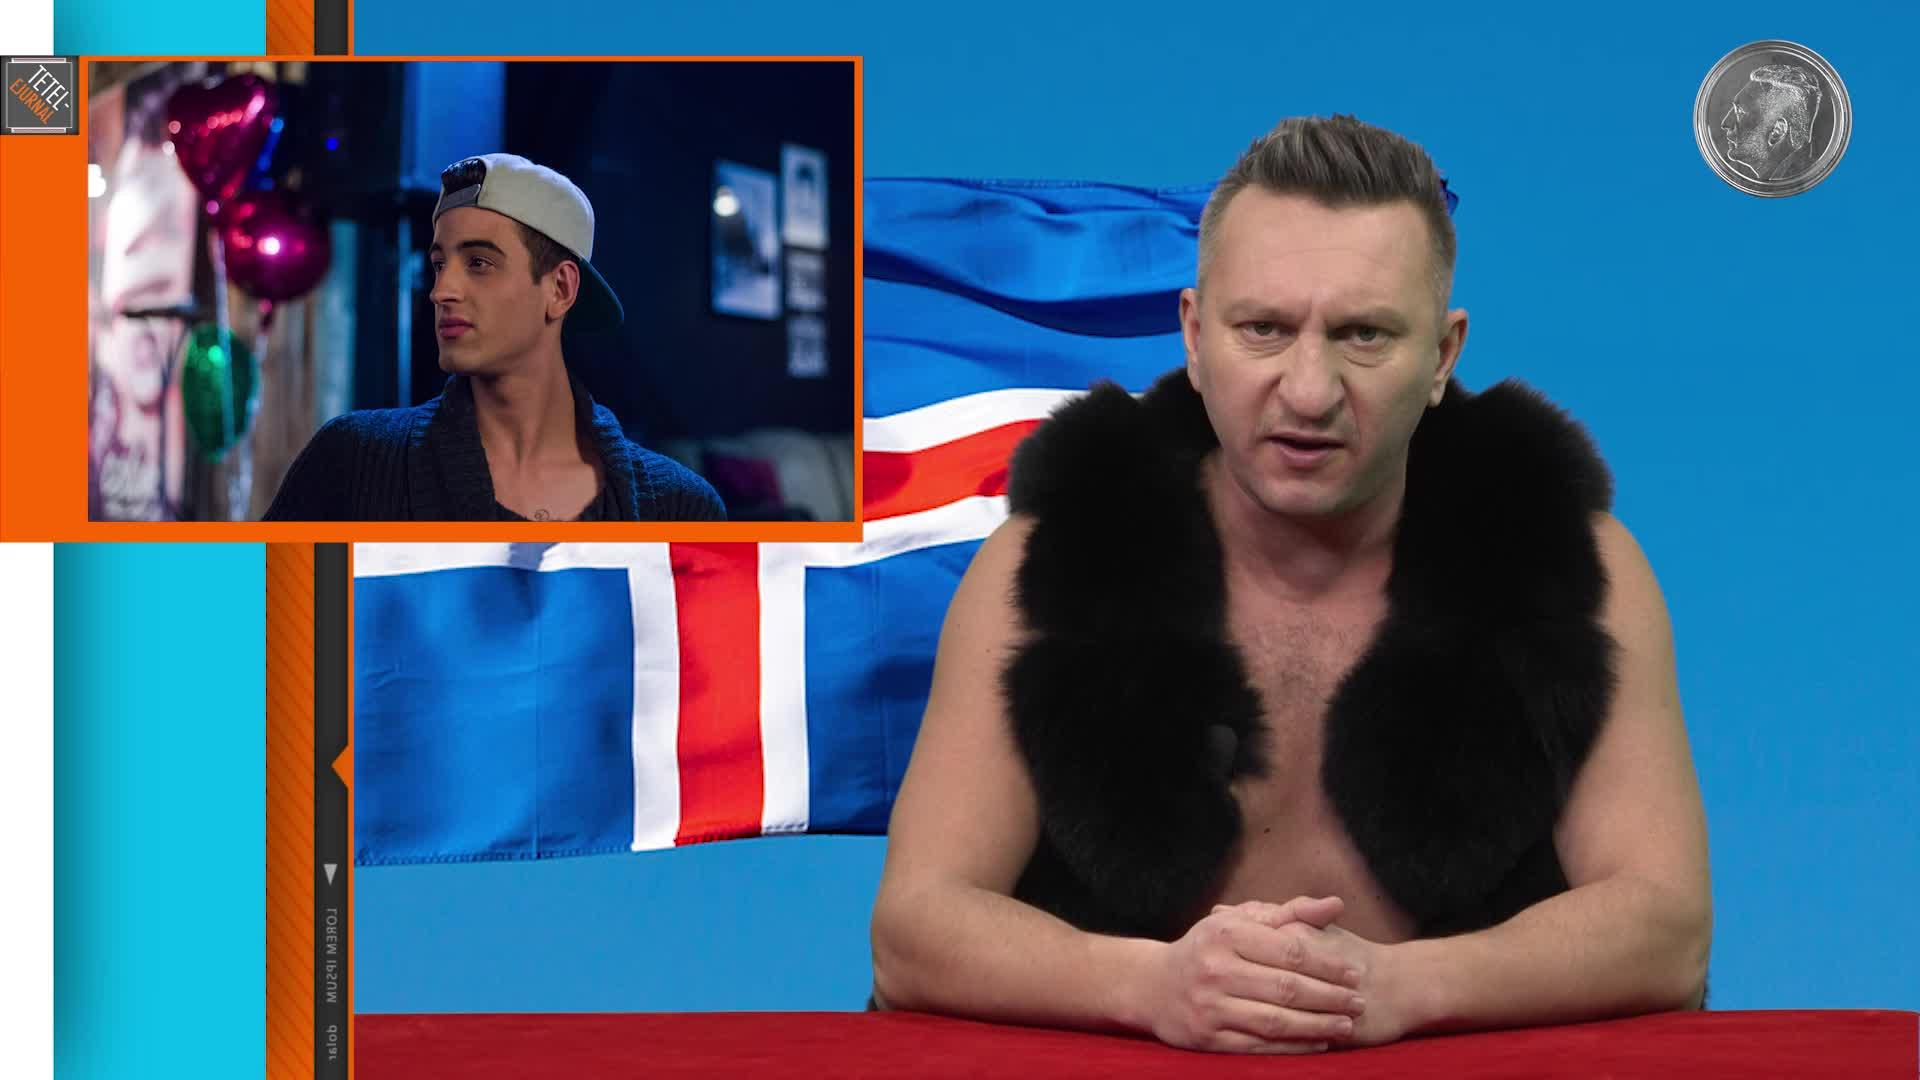 Tetelu si pornistul din Islanda